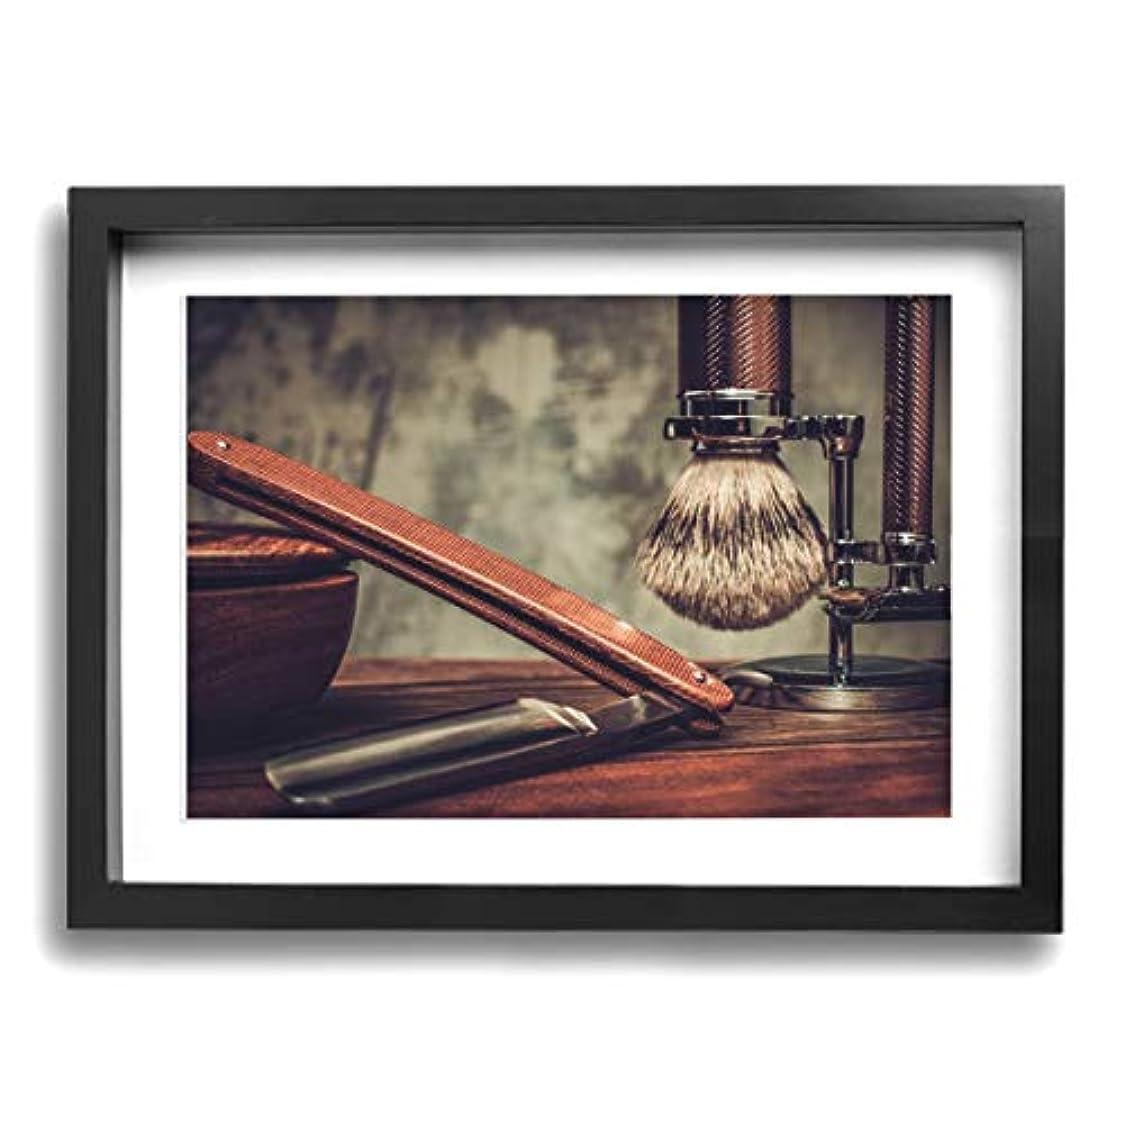 顎事実上ダッシュ魅力的な芸術 30x40cm Shaving Accessories On A Luxury Wooden Background キャンバスの壁アート 画像プリント絵画リビングルームの壁の装飾と家の装飾のための現代アートワークハング...